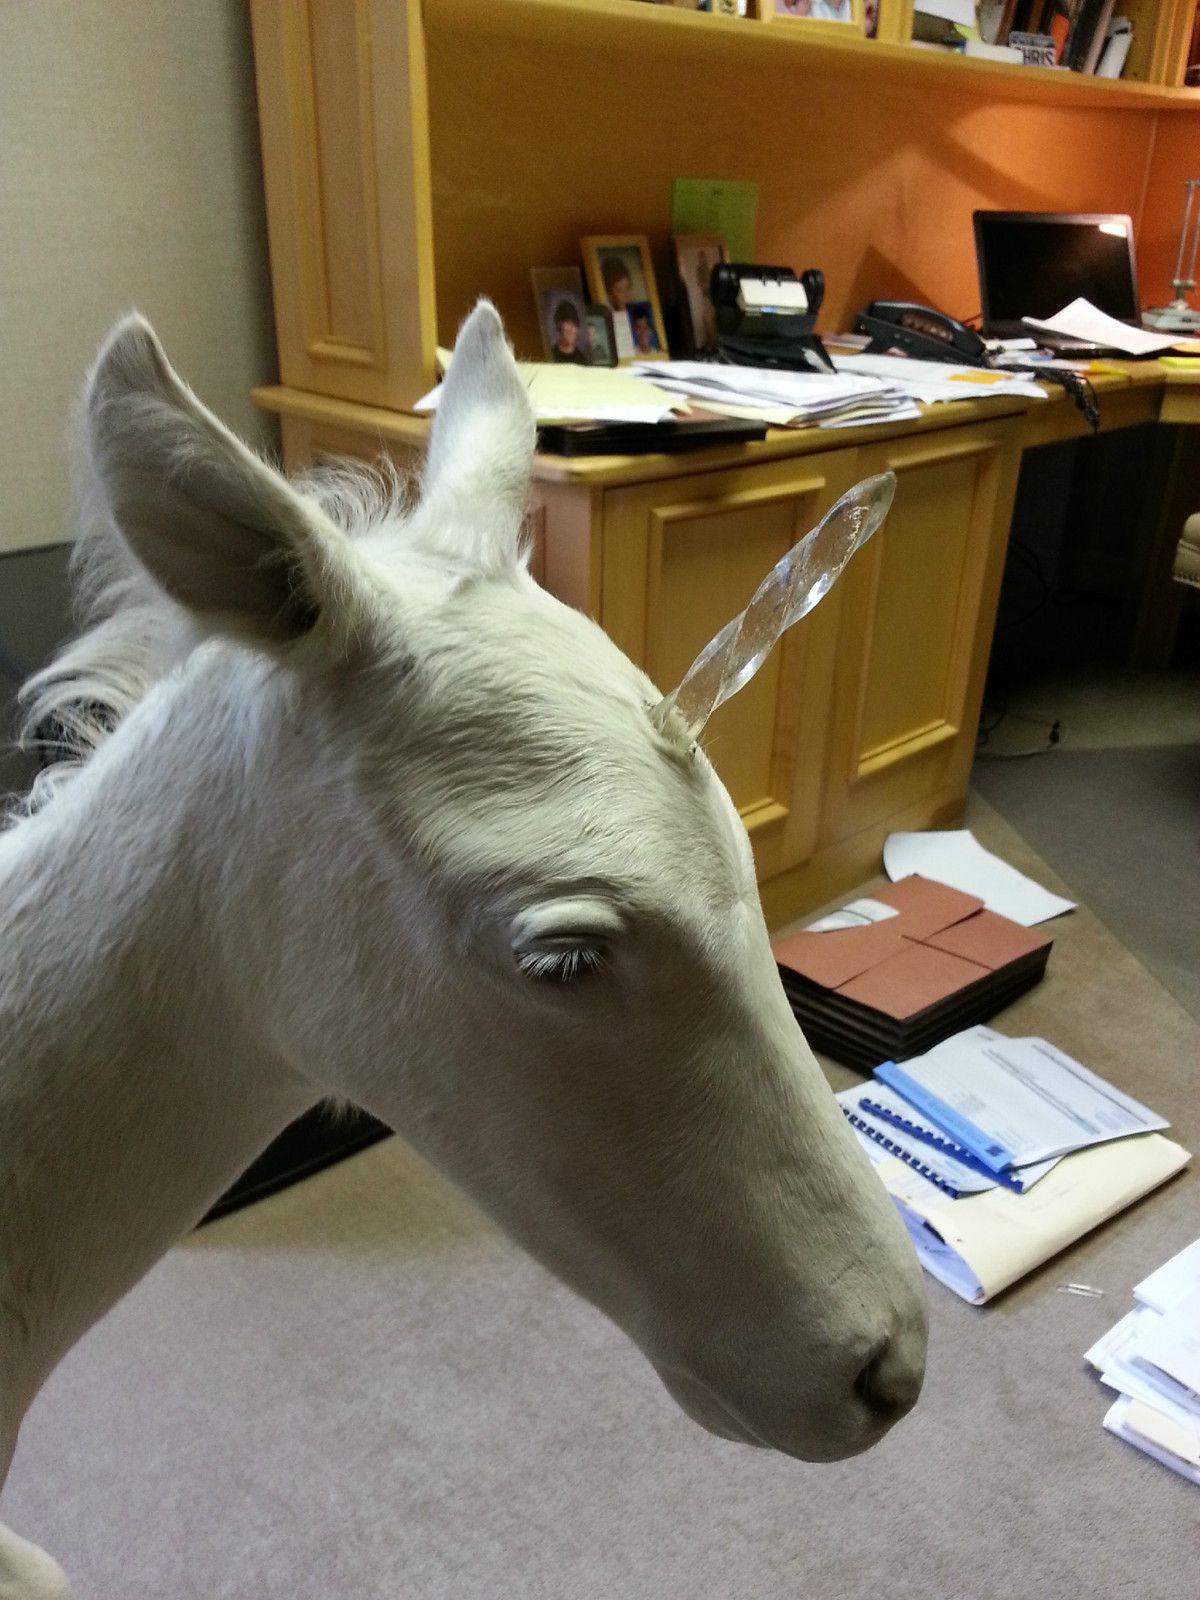 Pin by Skylar Zipp on Pegasus Pegasus unicorn, Taxidermy